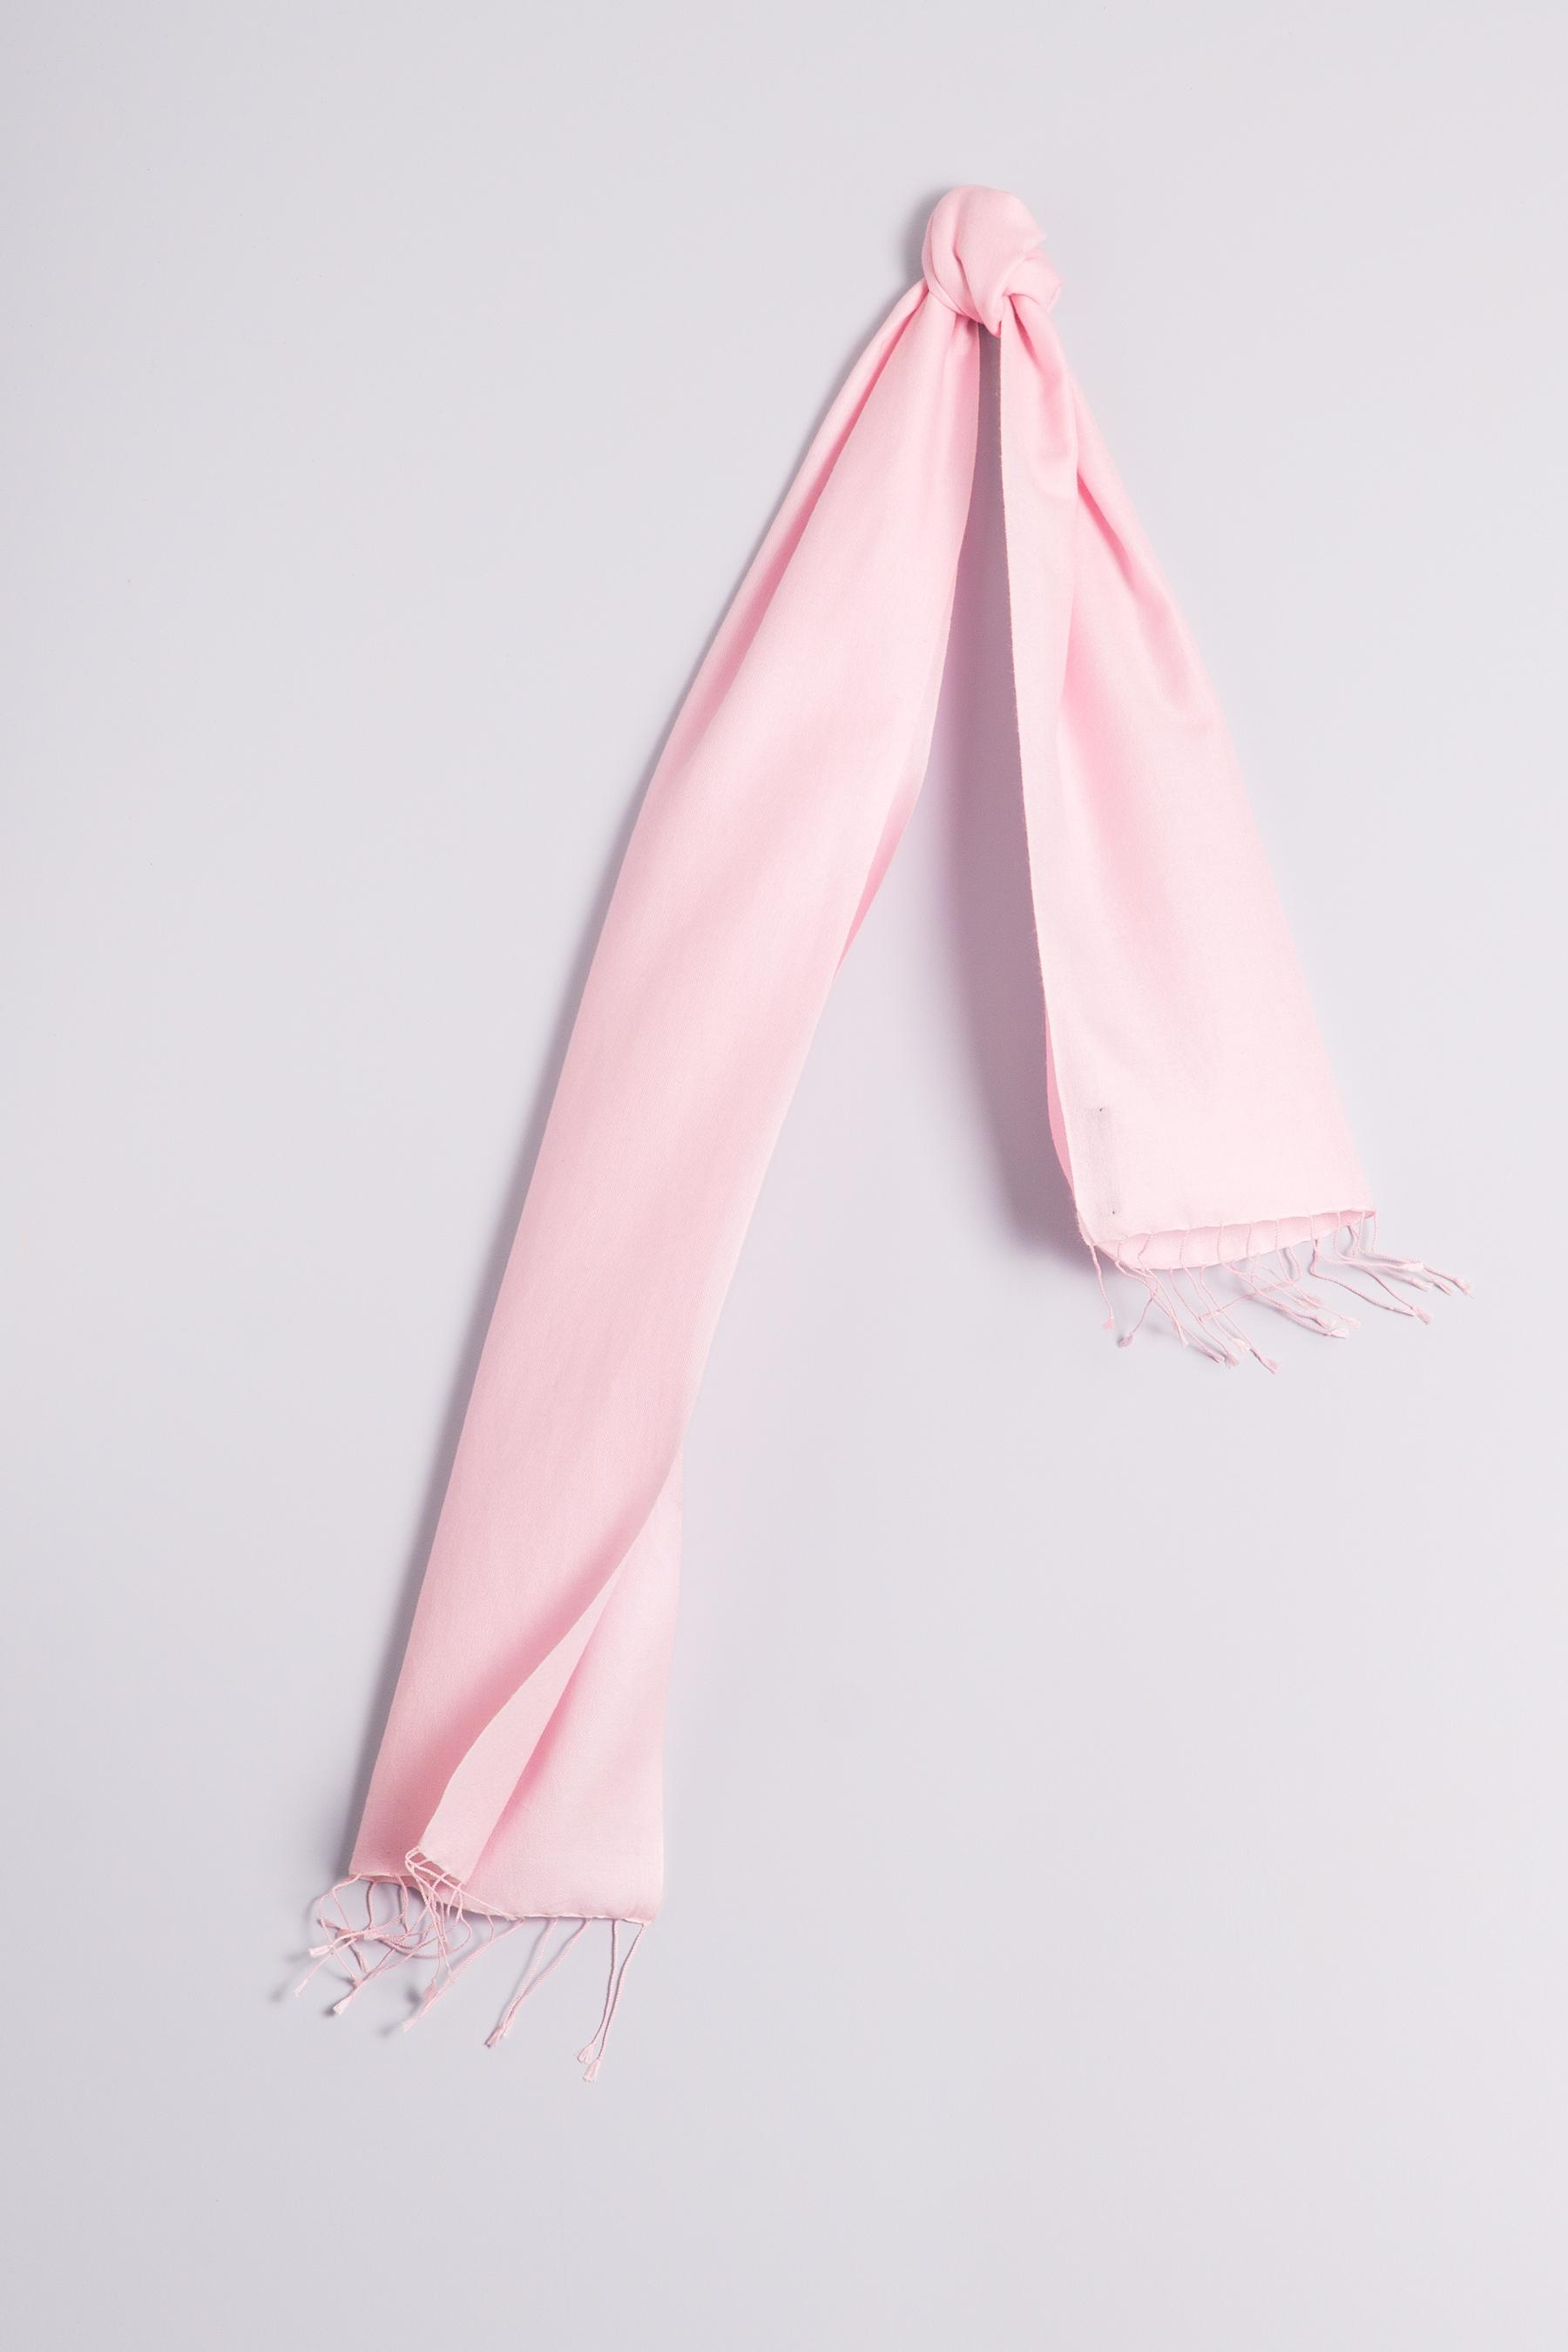 f0f6c7108987f7 Pashmina 30x150cm rosé | Pashmina 70% Cashmere Shawl | Pashmina | Pashmina .de